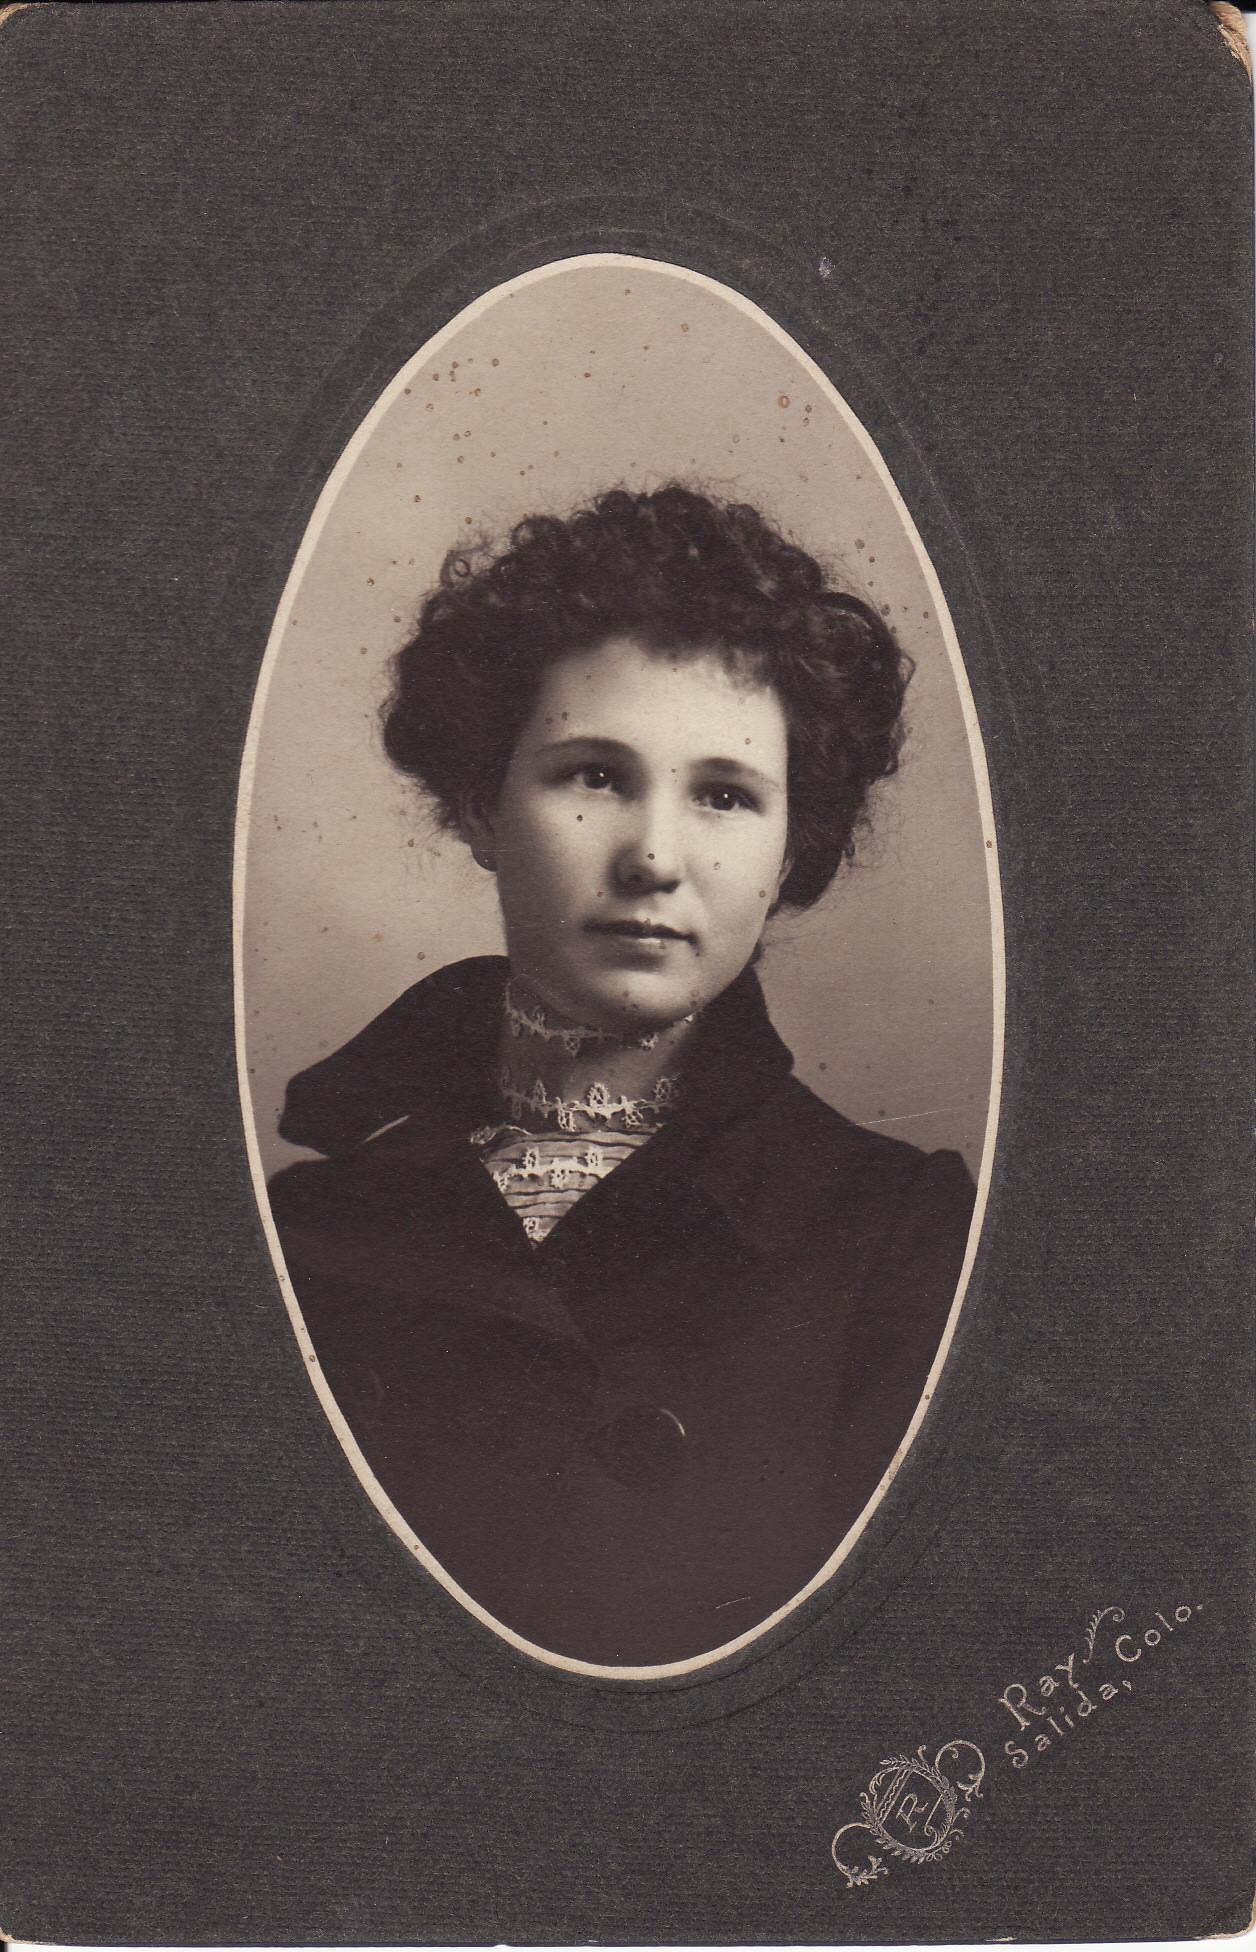 Maude Leslie Rout